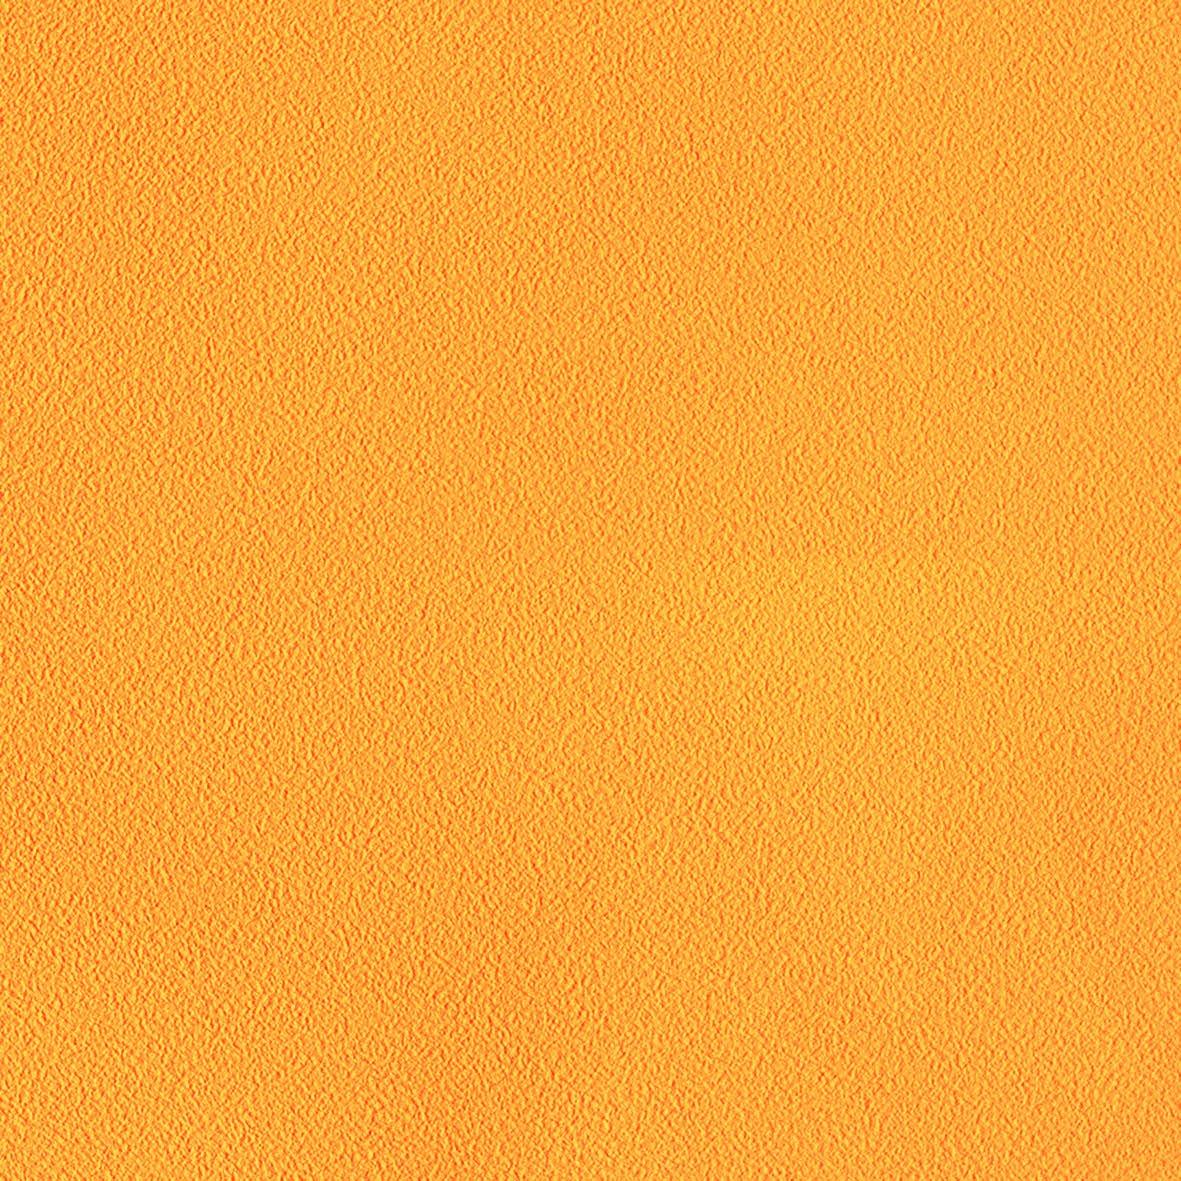 リリカラ 壁紙23m シンフル 無地 イエロー LL-8736 B01MTK2U64 23m,イエロー